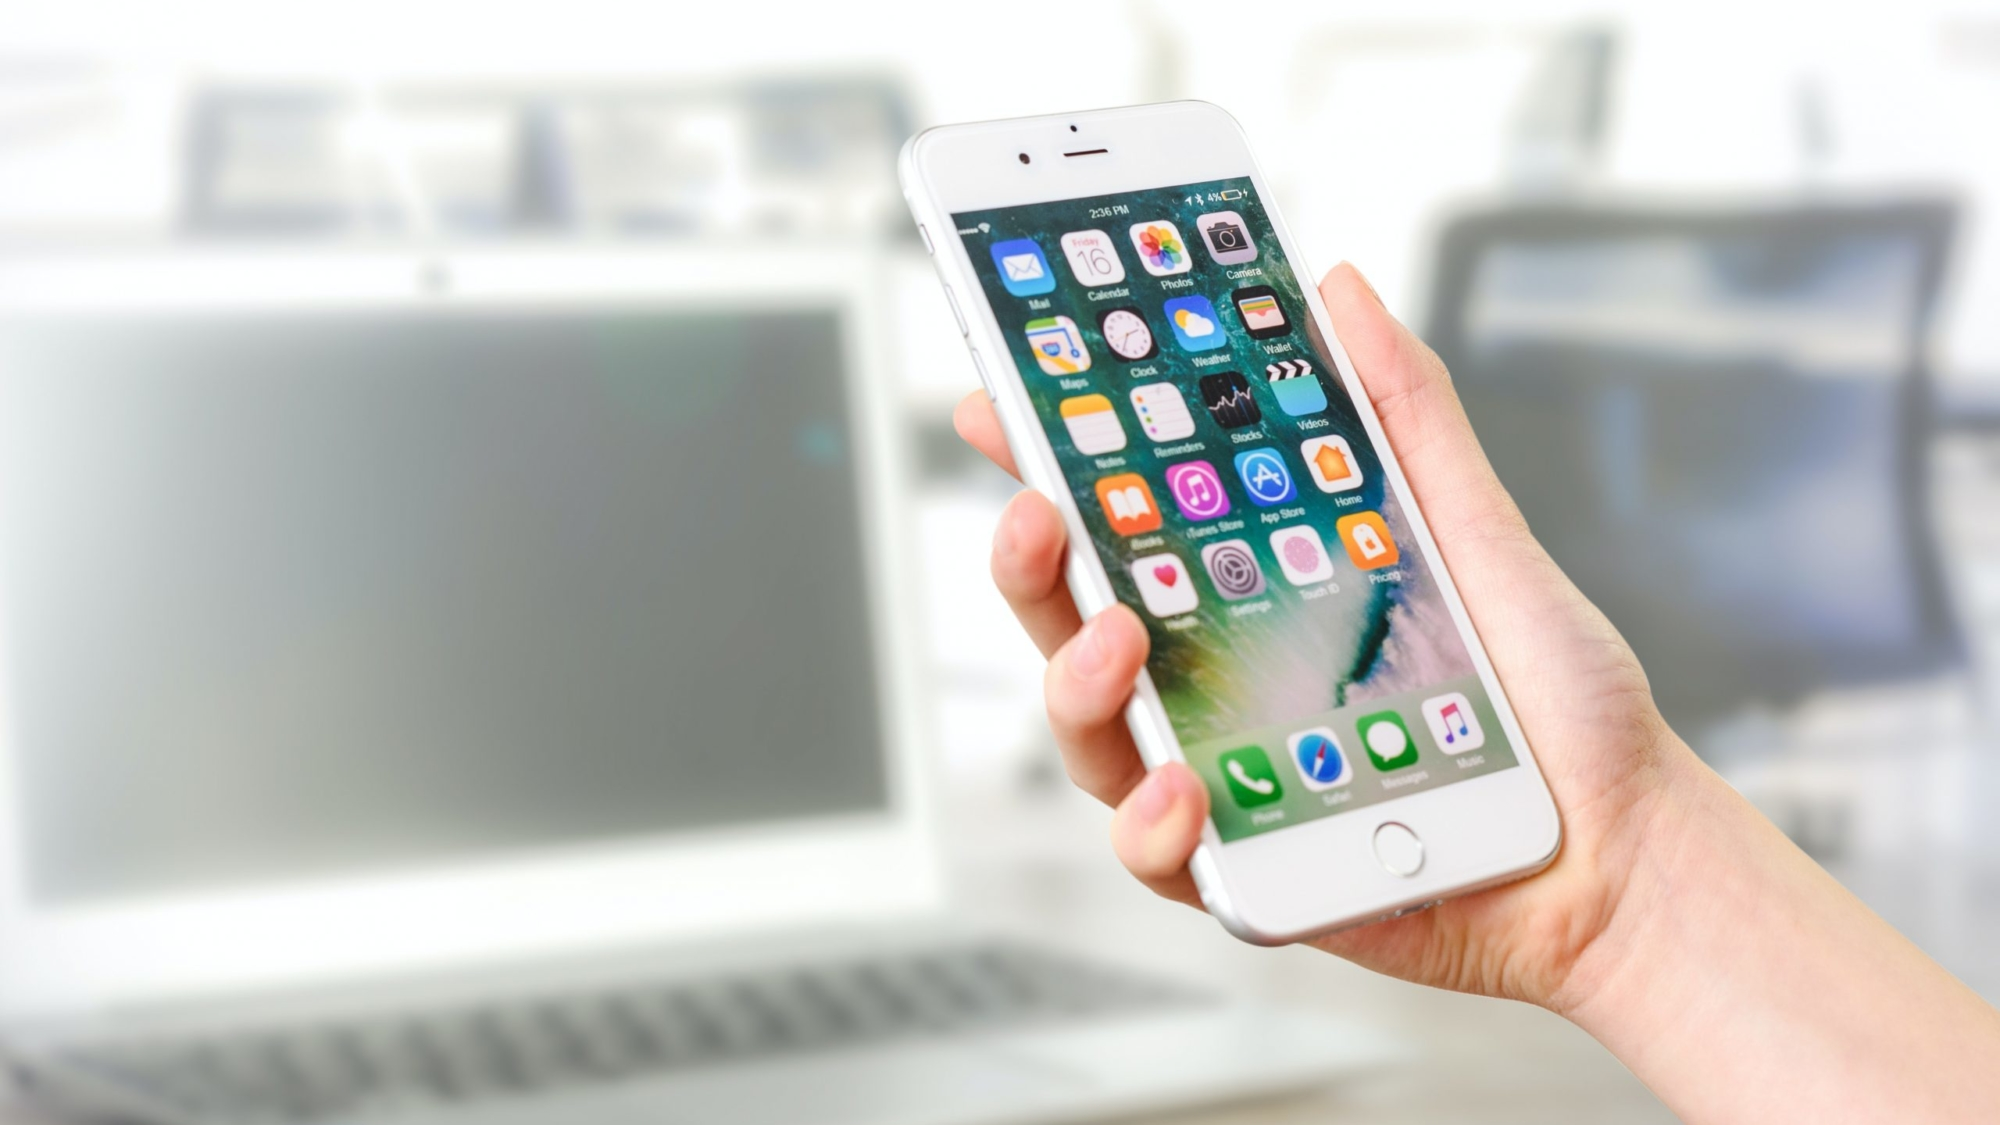 蘋果公司釋出iOS 13.7作業系統更新,可讓用戶加入新冠肺炎暴露通知系統而無須下載App。(圖取自PEXELS圖庫)